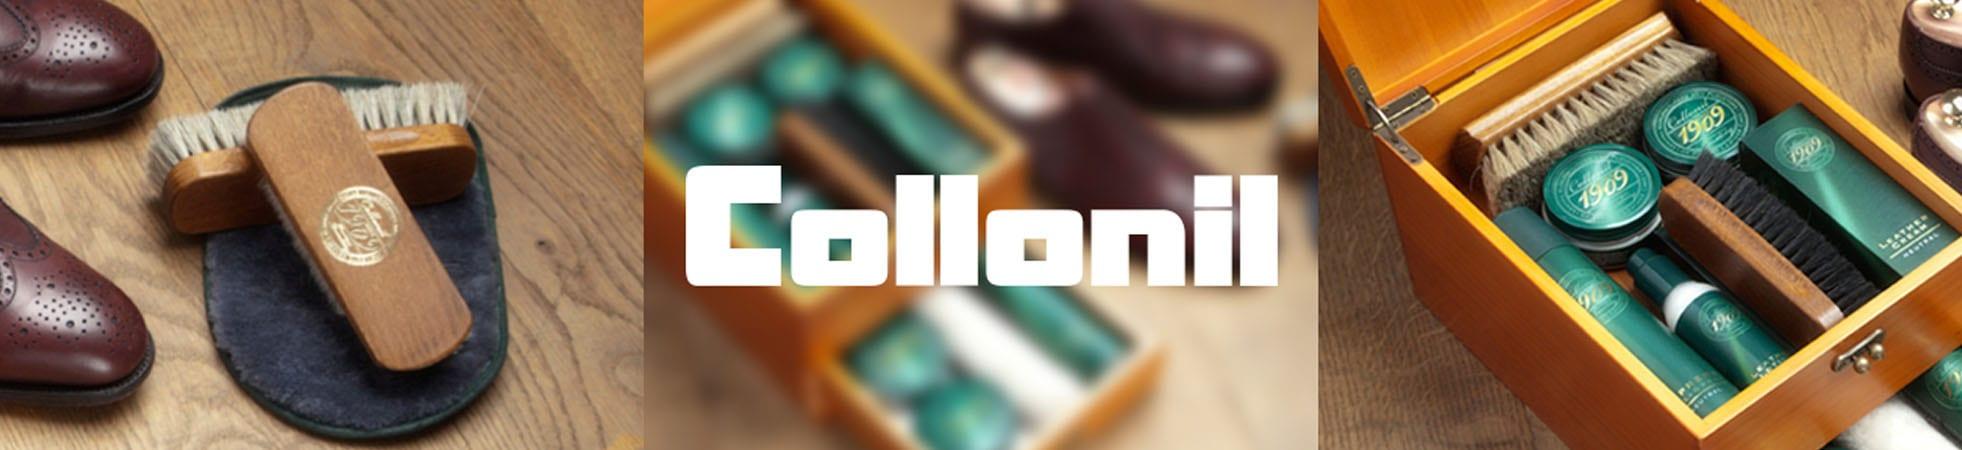 Collonil Shoe Care